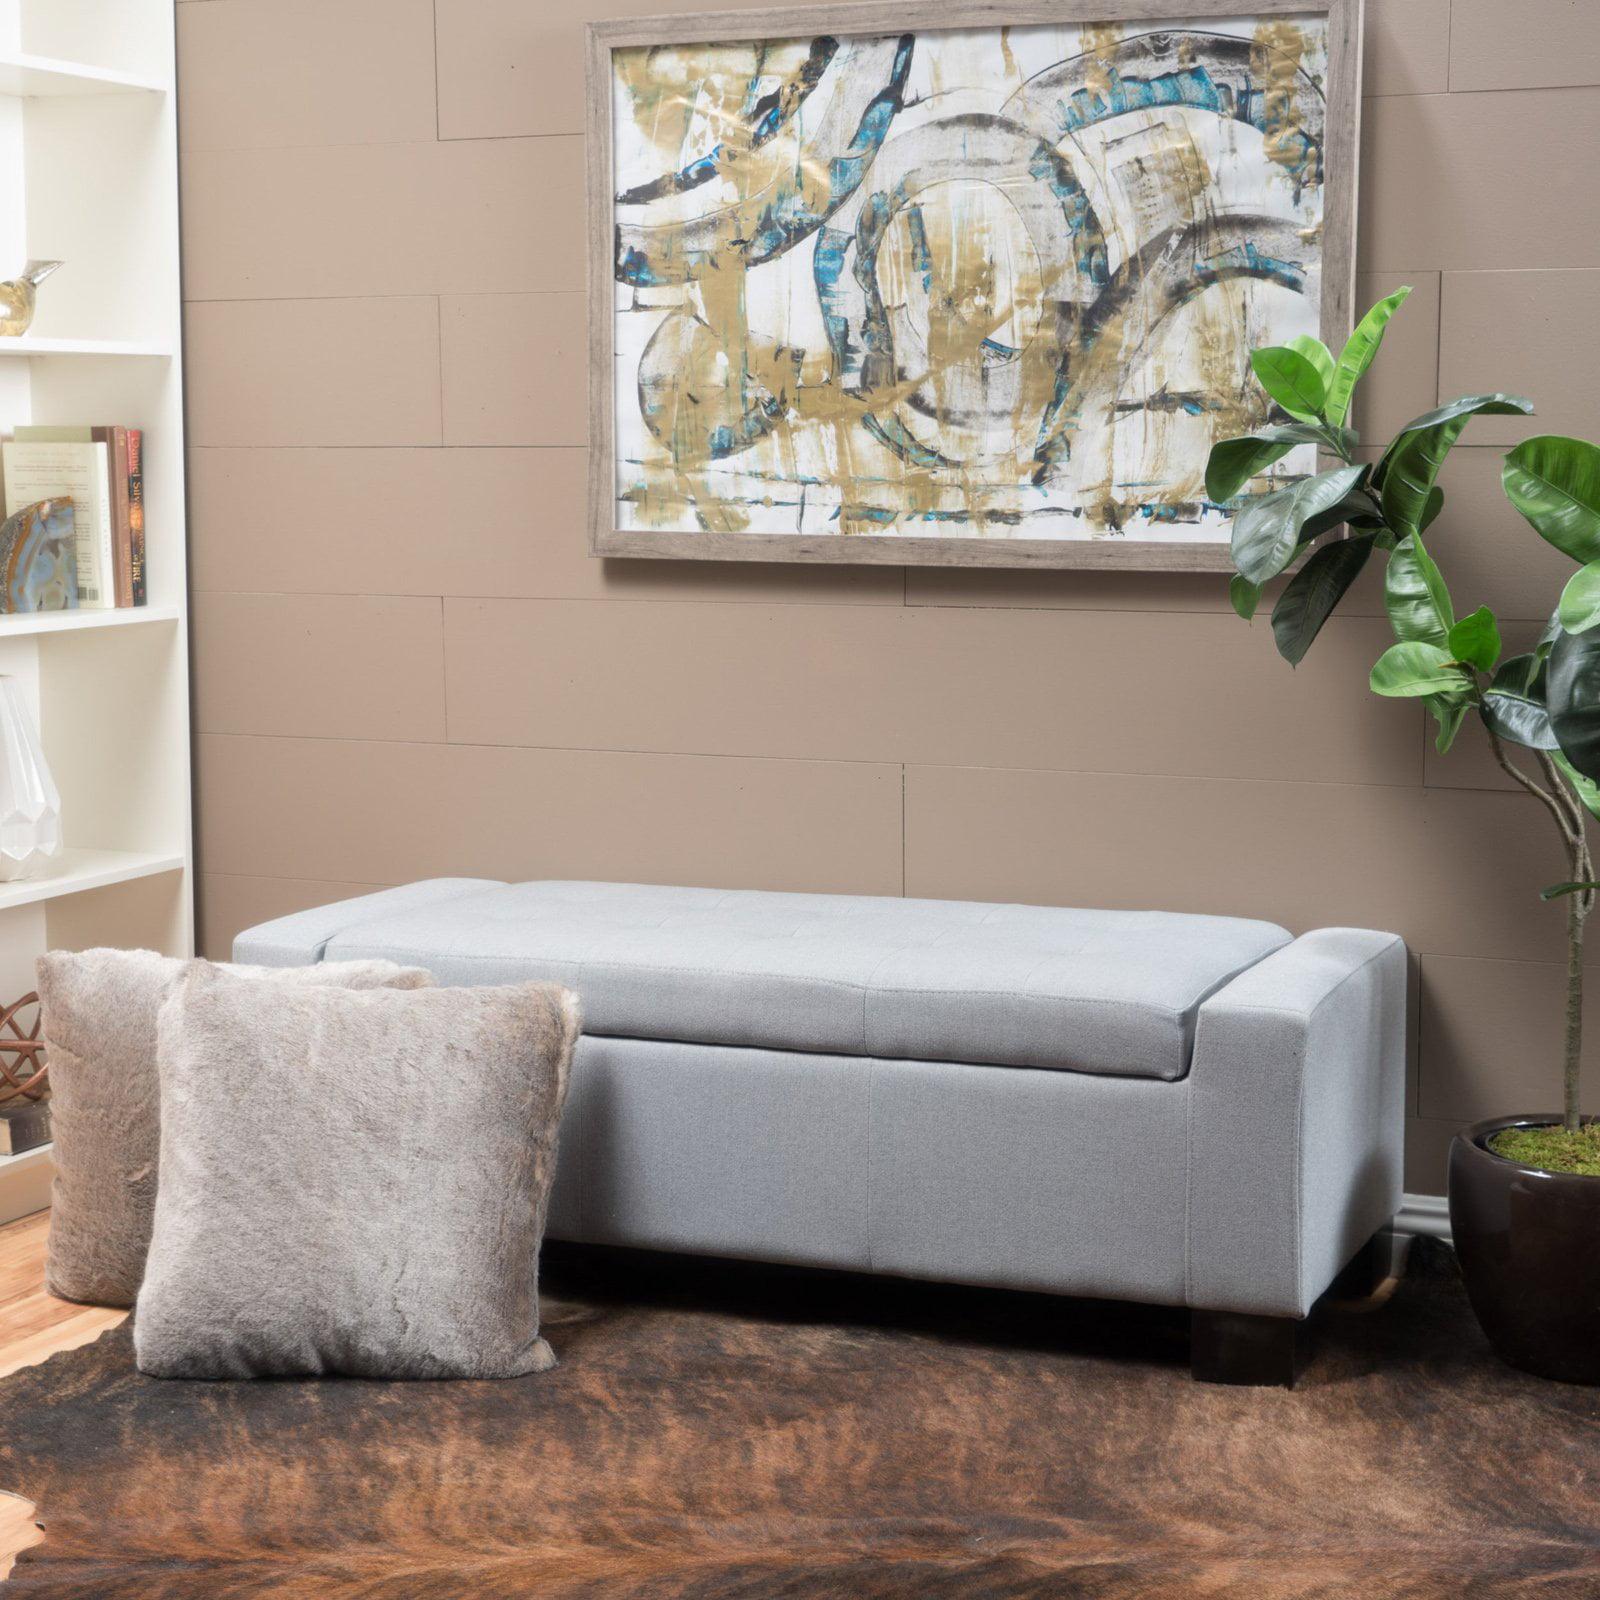 Gorosei Fabric Storage Indoor Bench